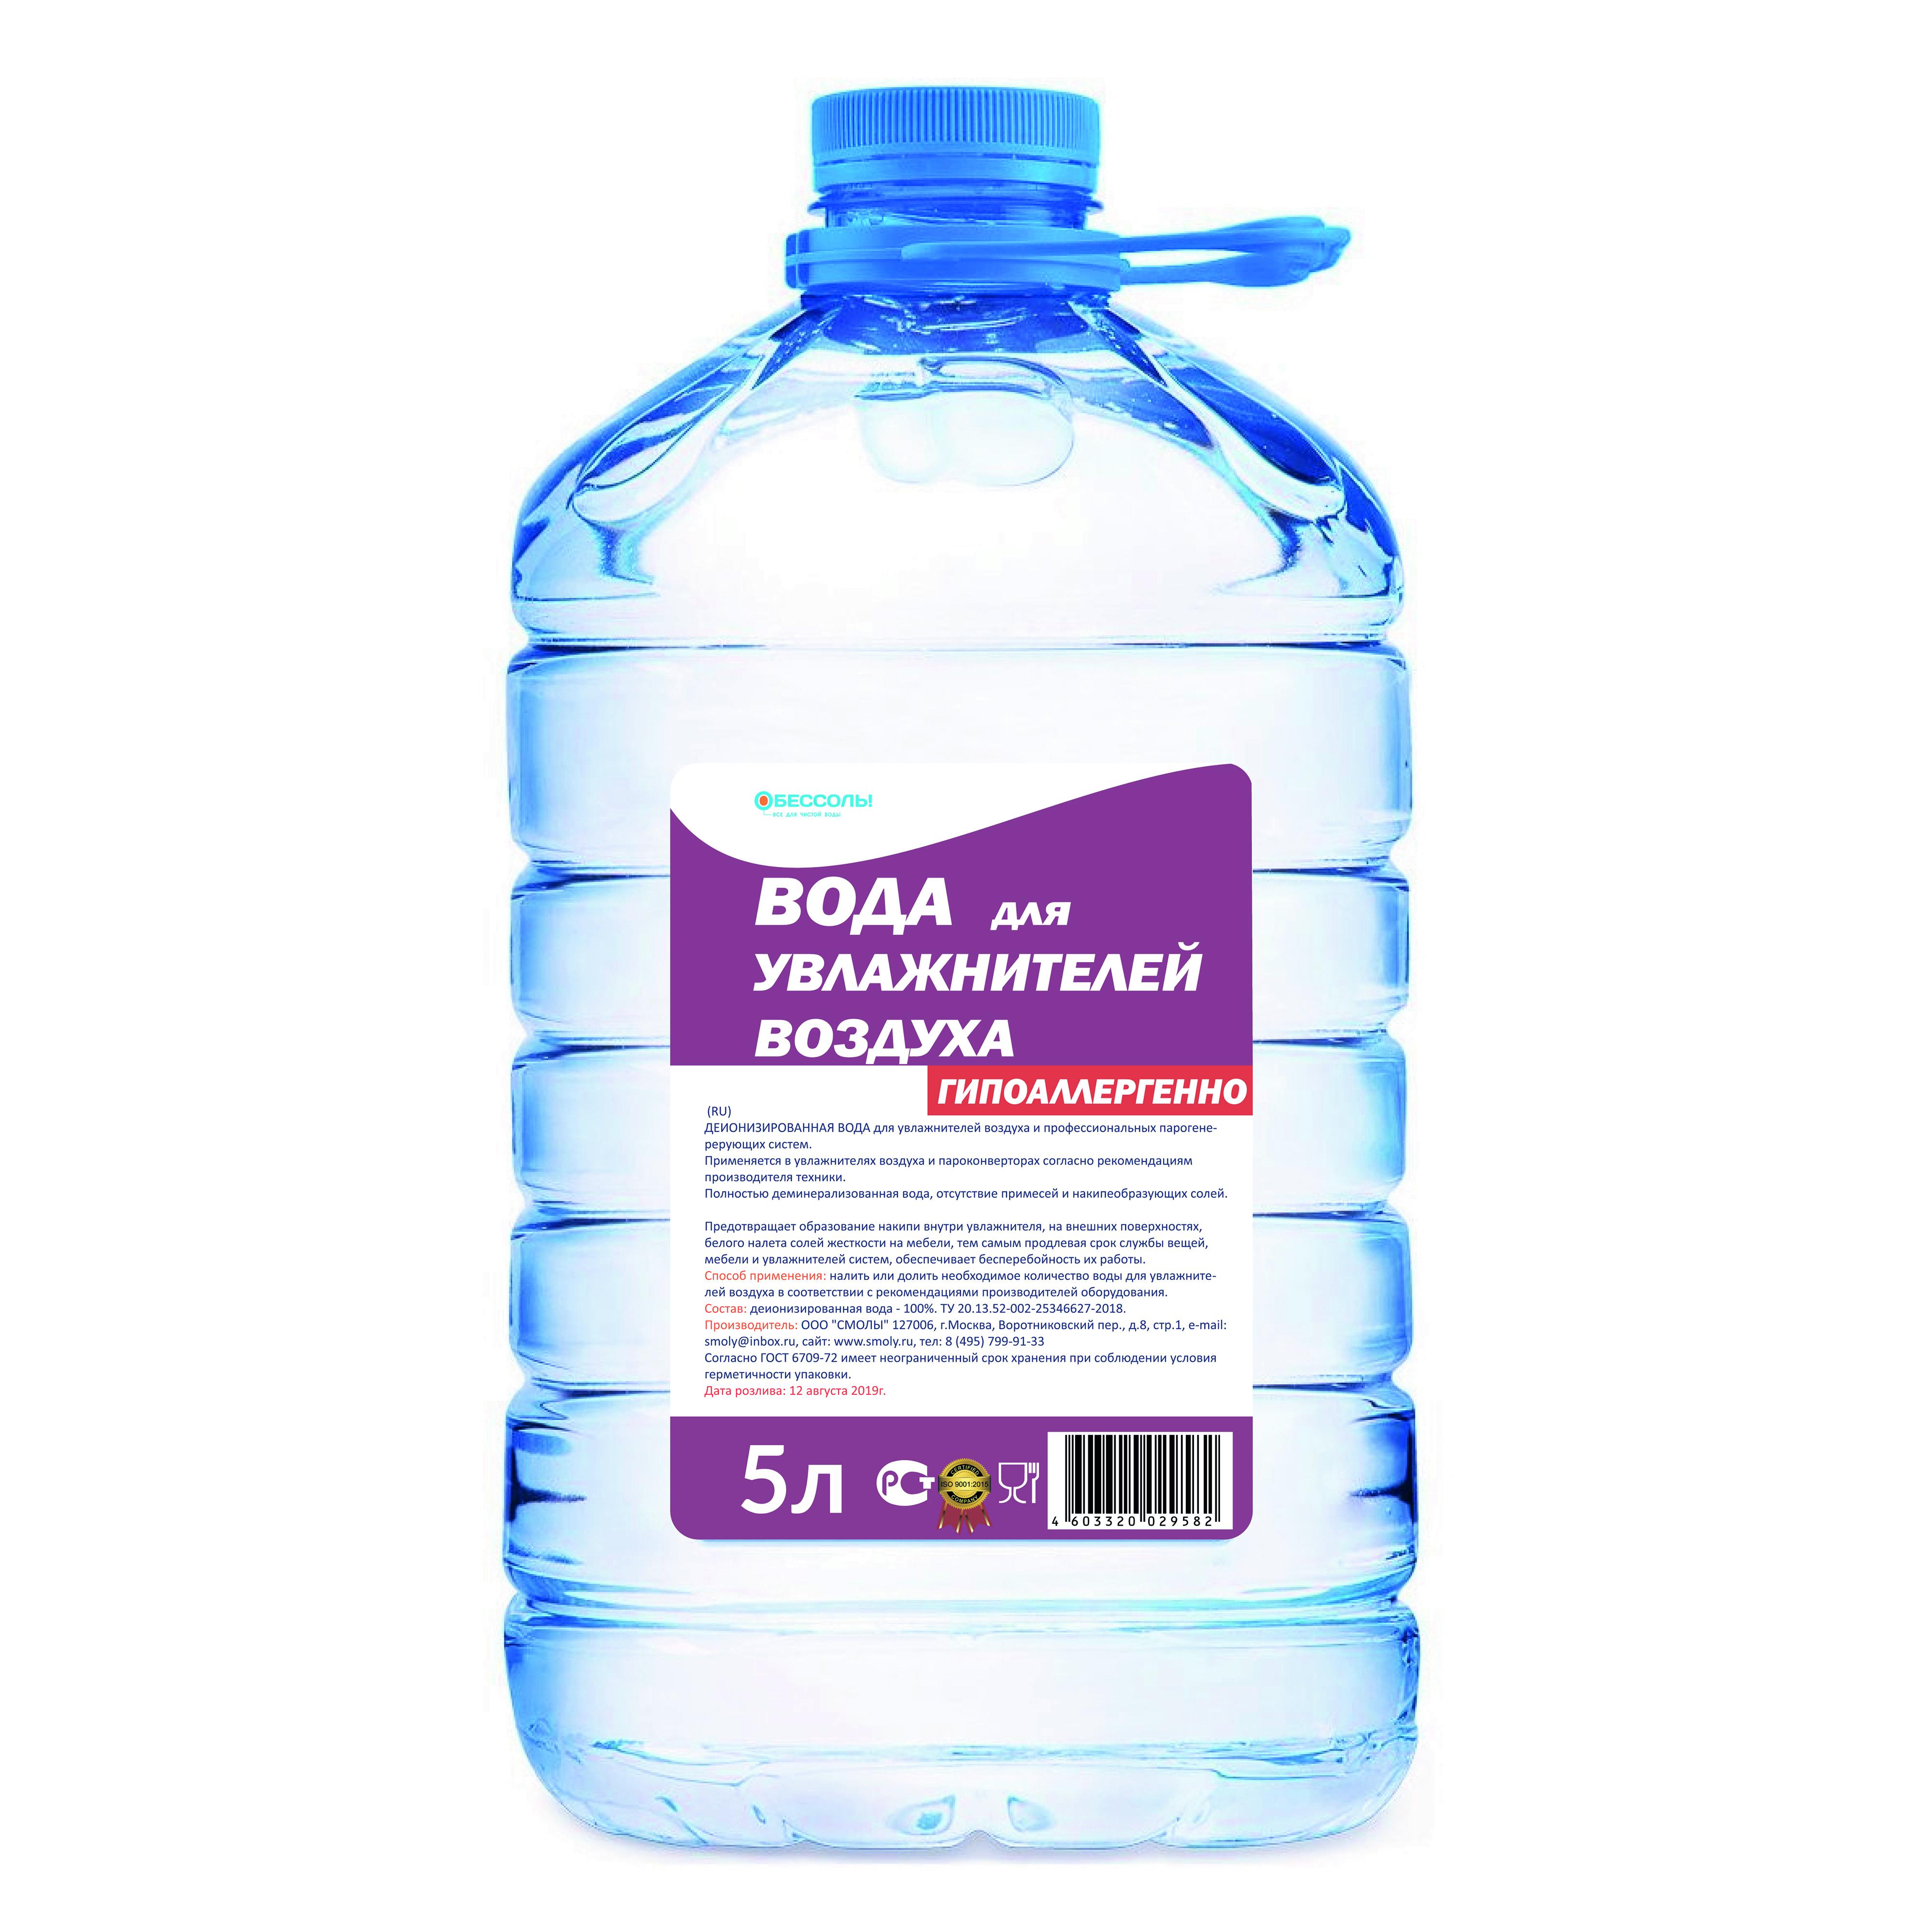 Вода для увлажнителей воздуха  Обессоль!